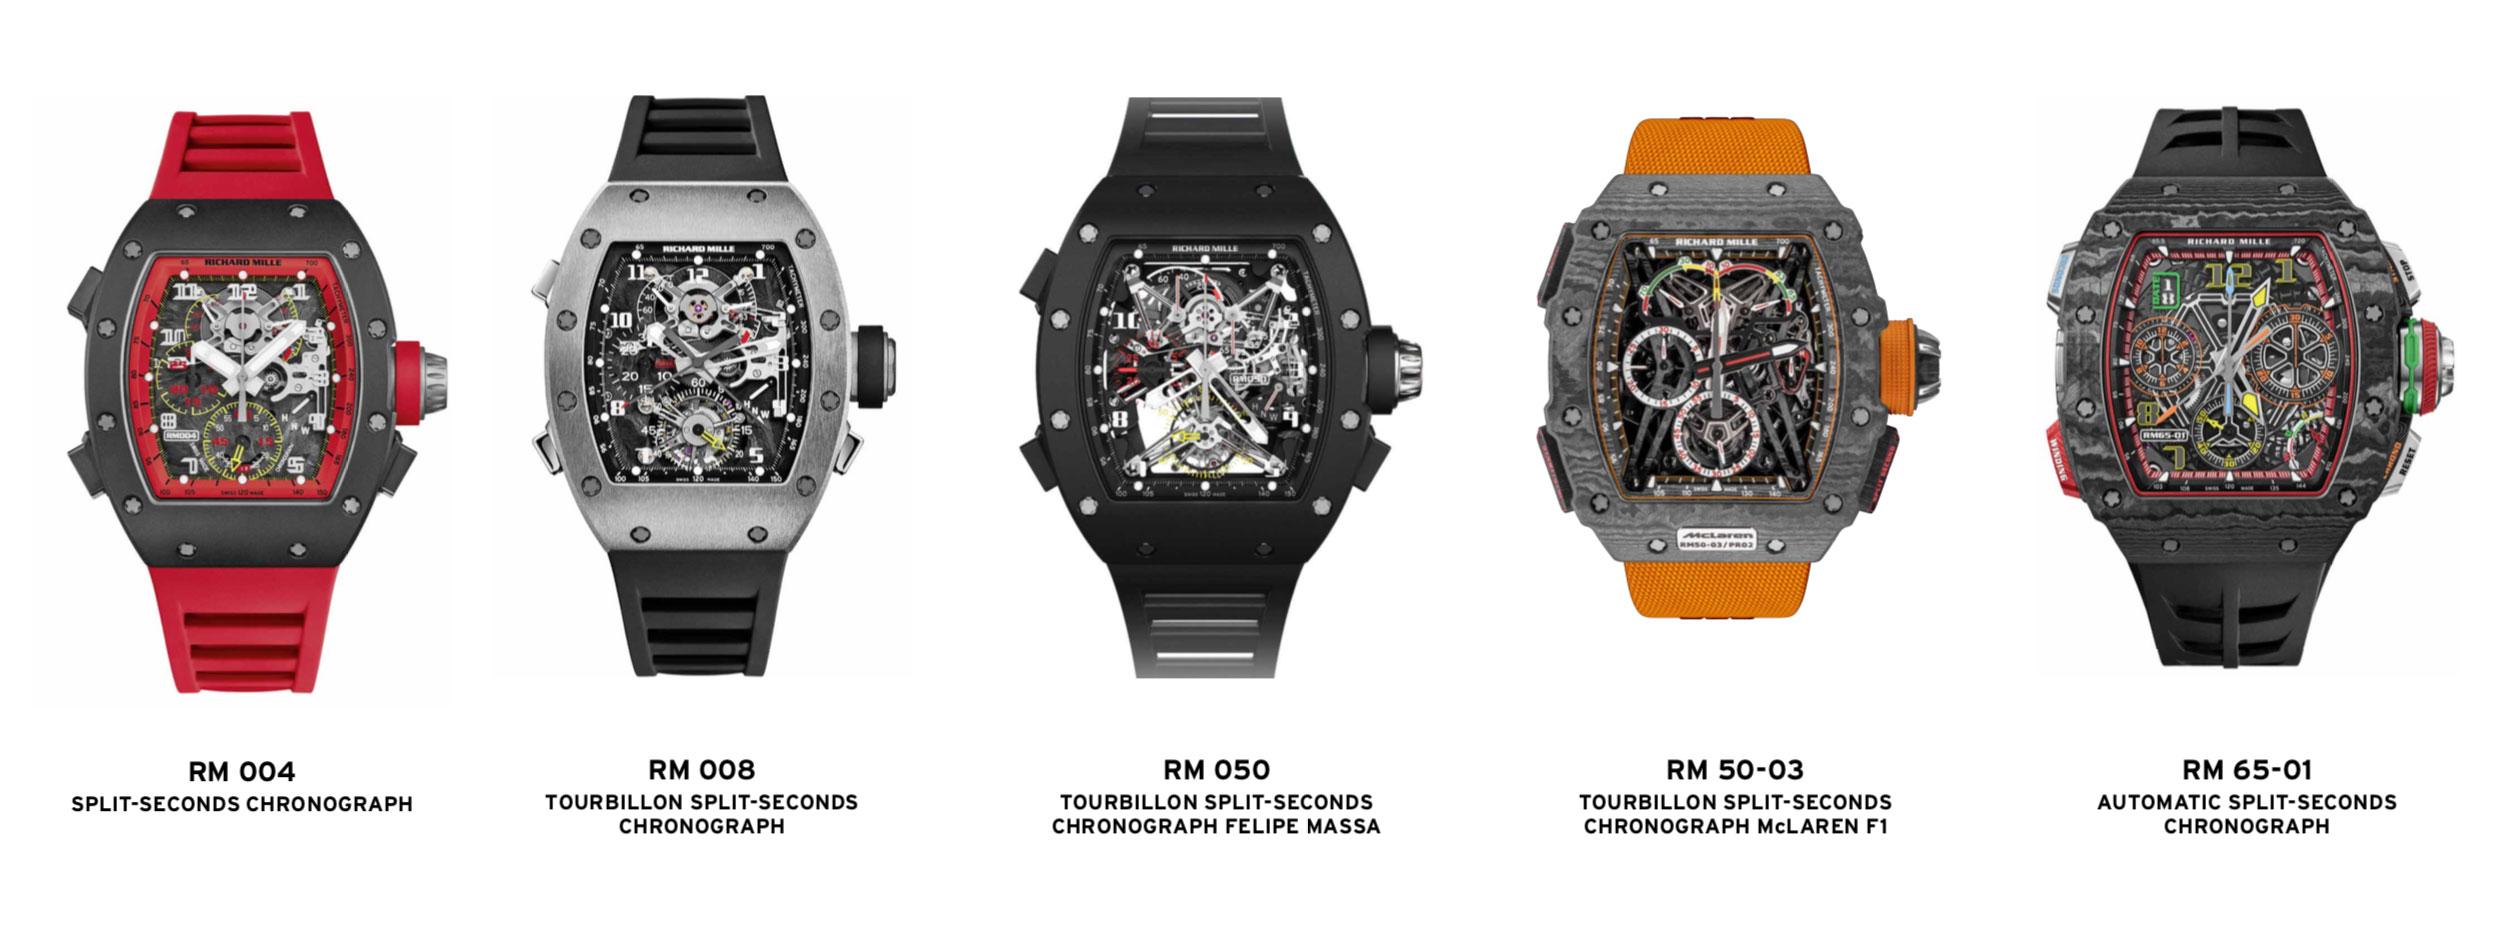 Theo dòng thời gian: Sự tiến hóa của các mẫu đồng hồ bấm giờ hai lần (split-seconds chronograph) của Richard Mille